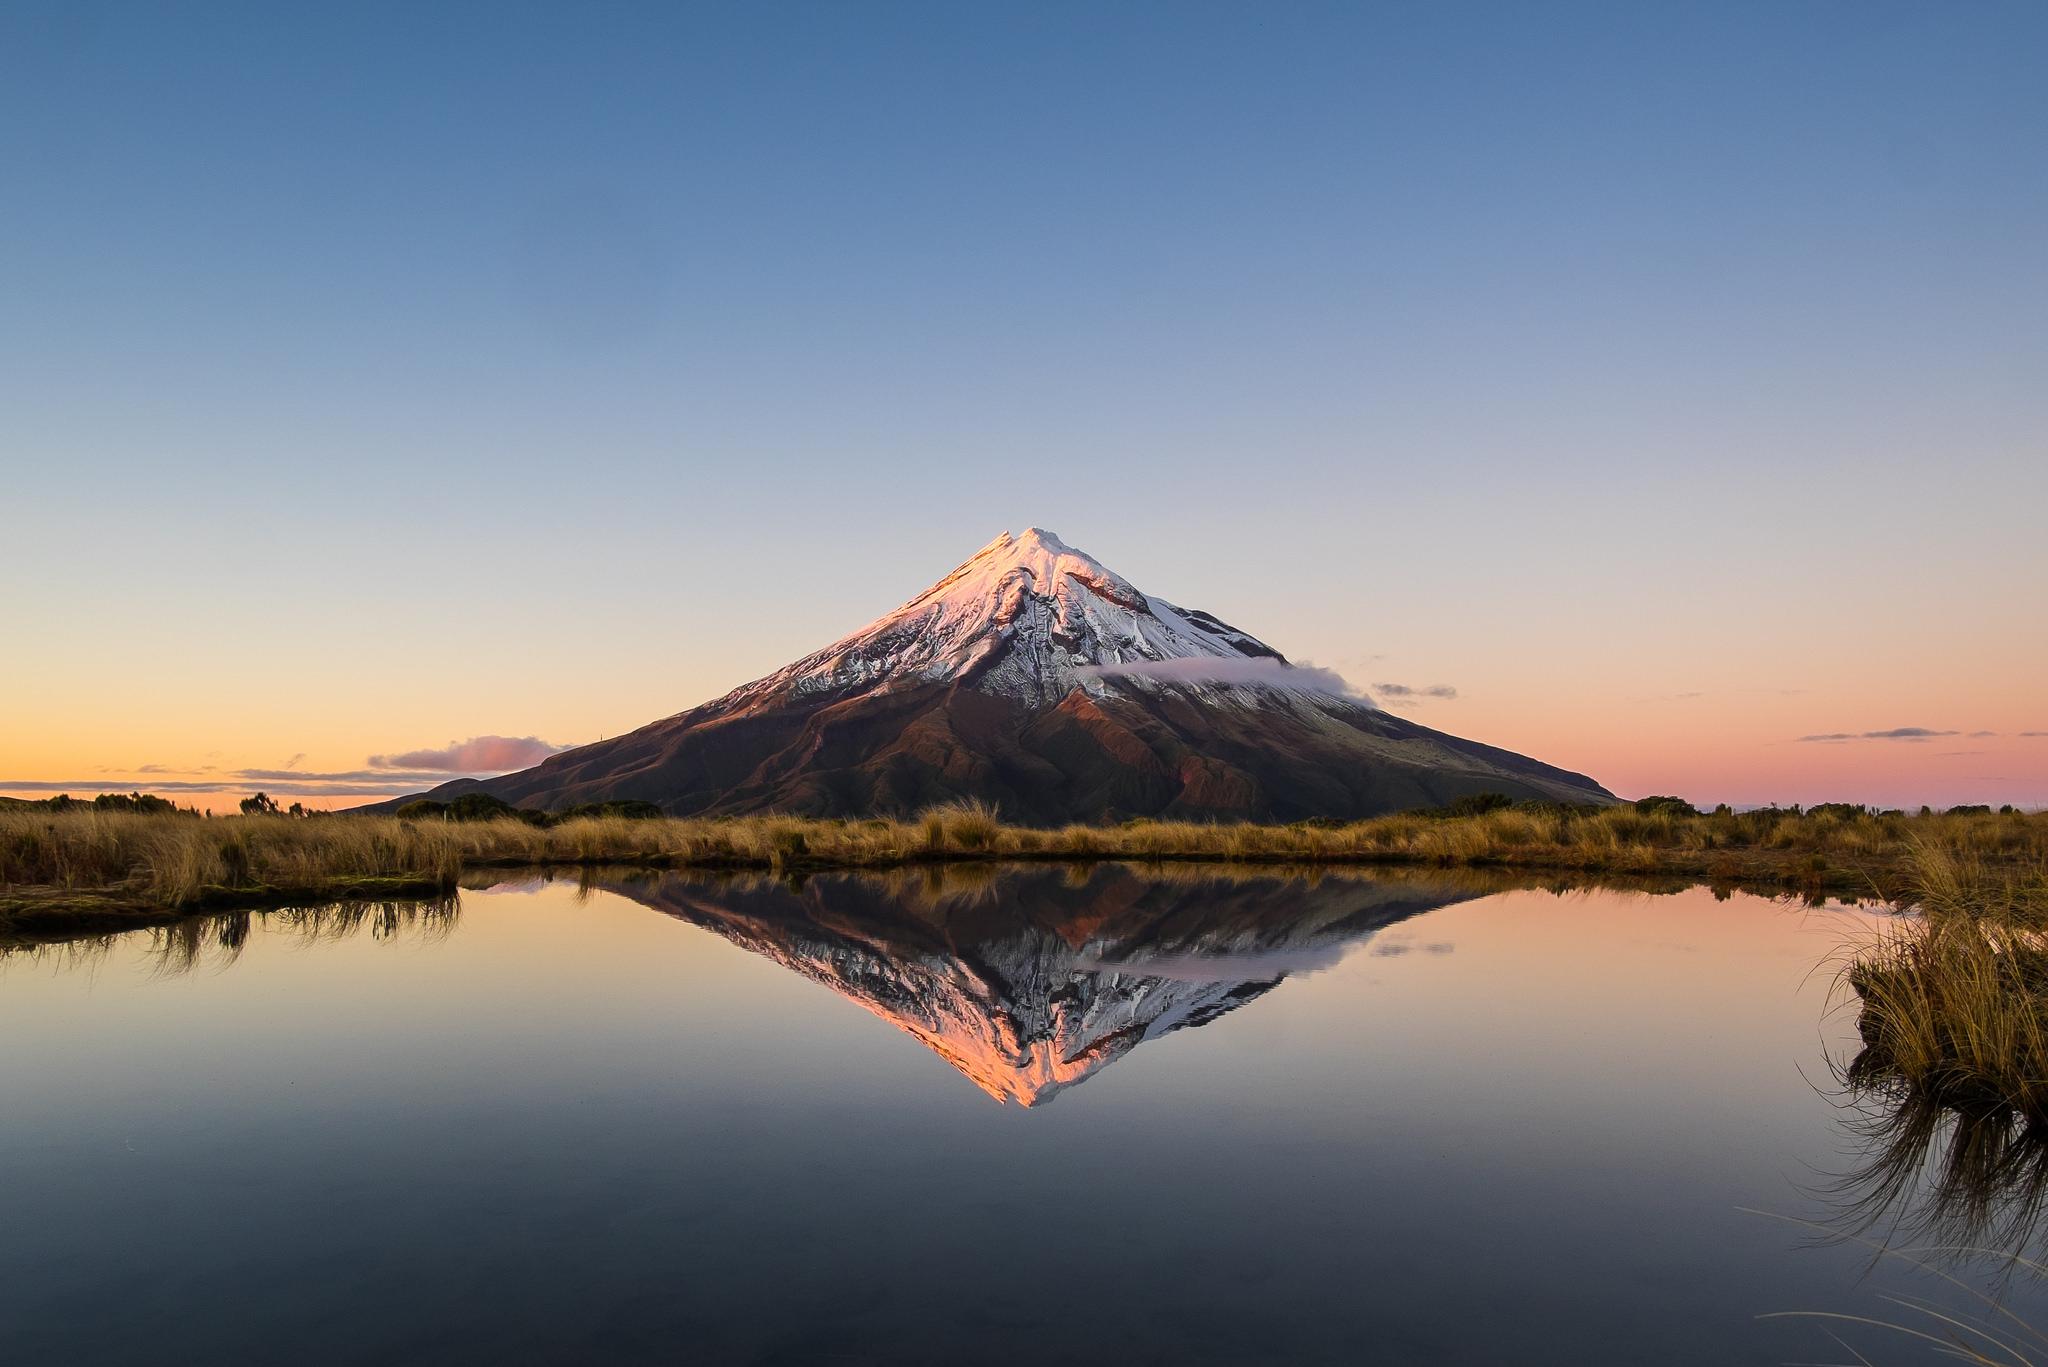 北島一の絶景!水面に映るタラナキ山はどうやって撮る?